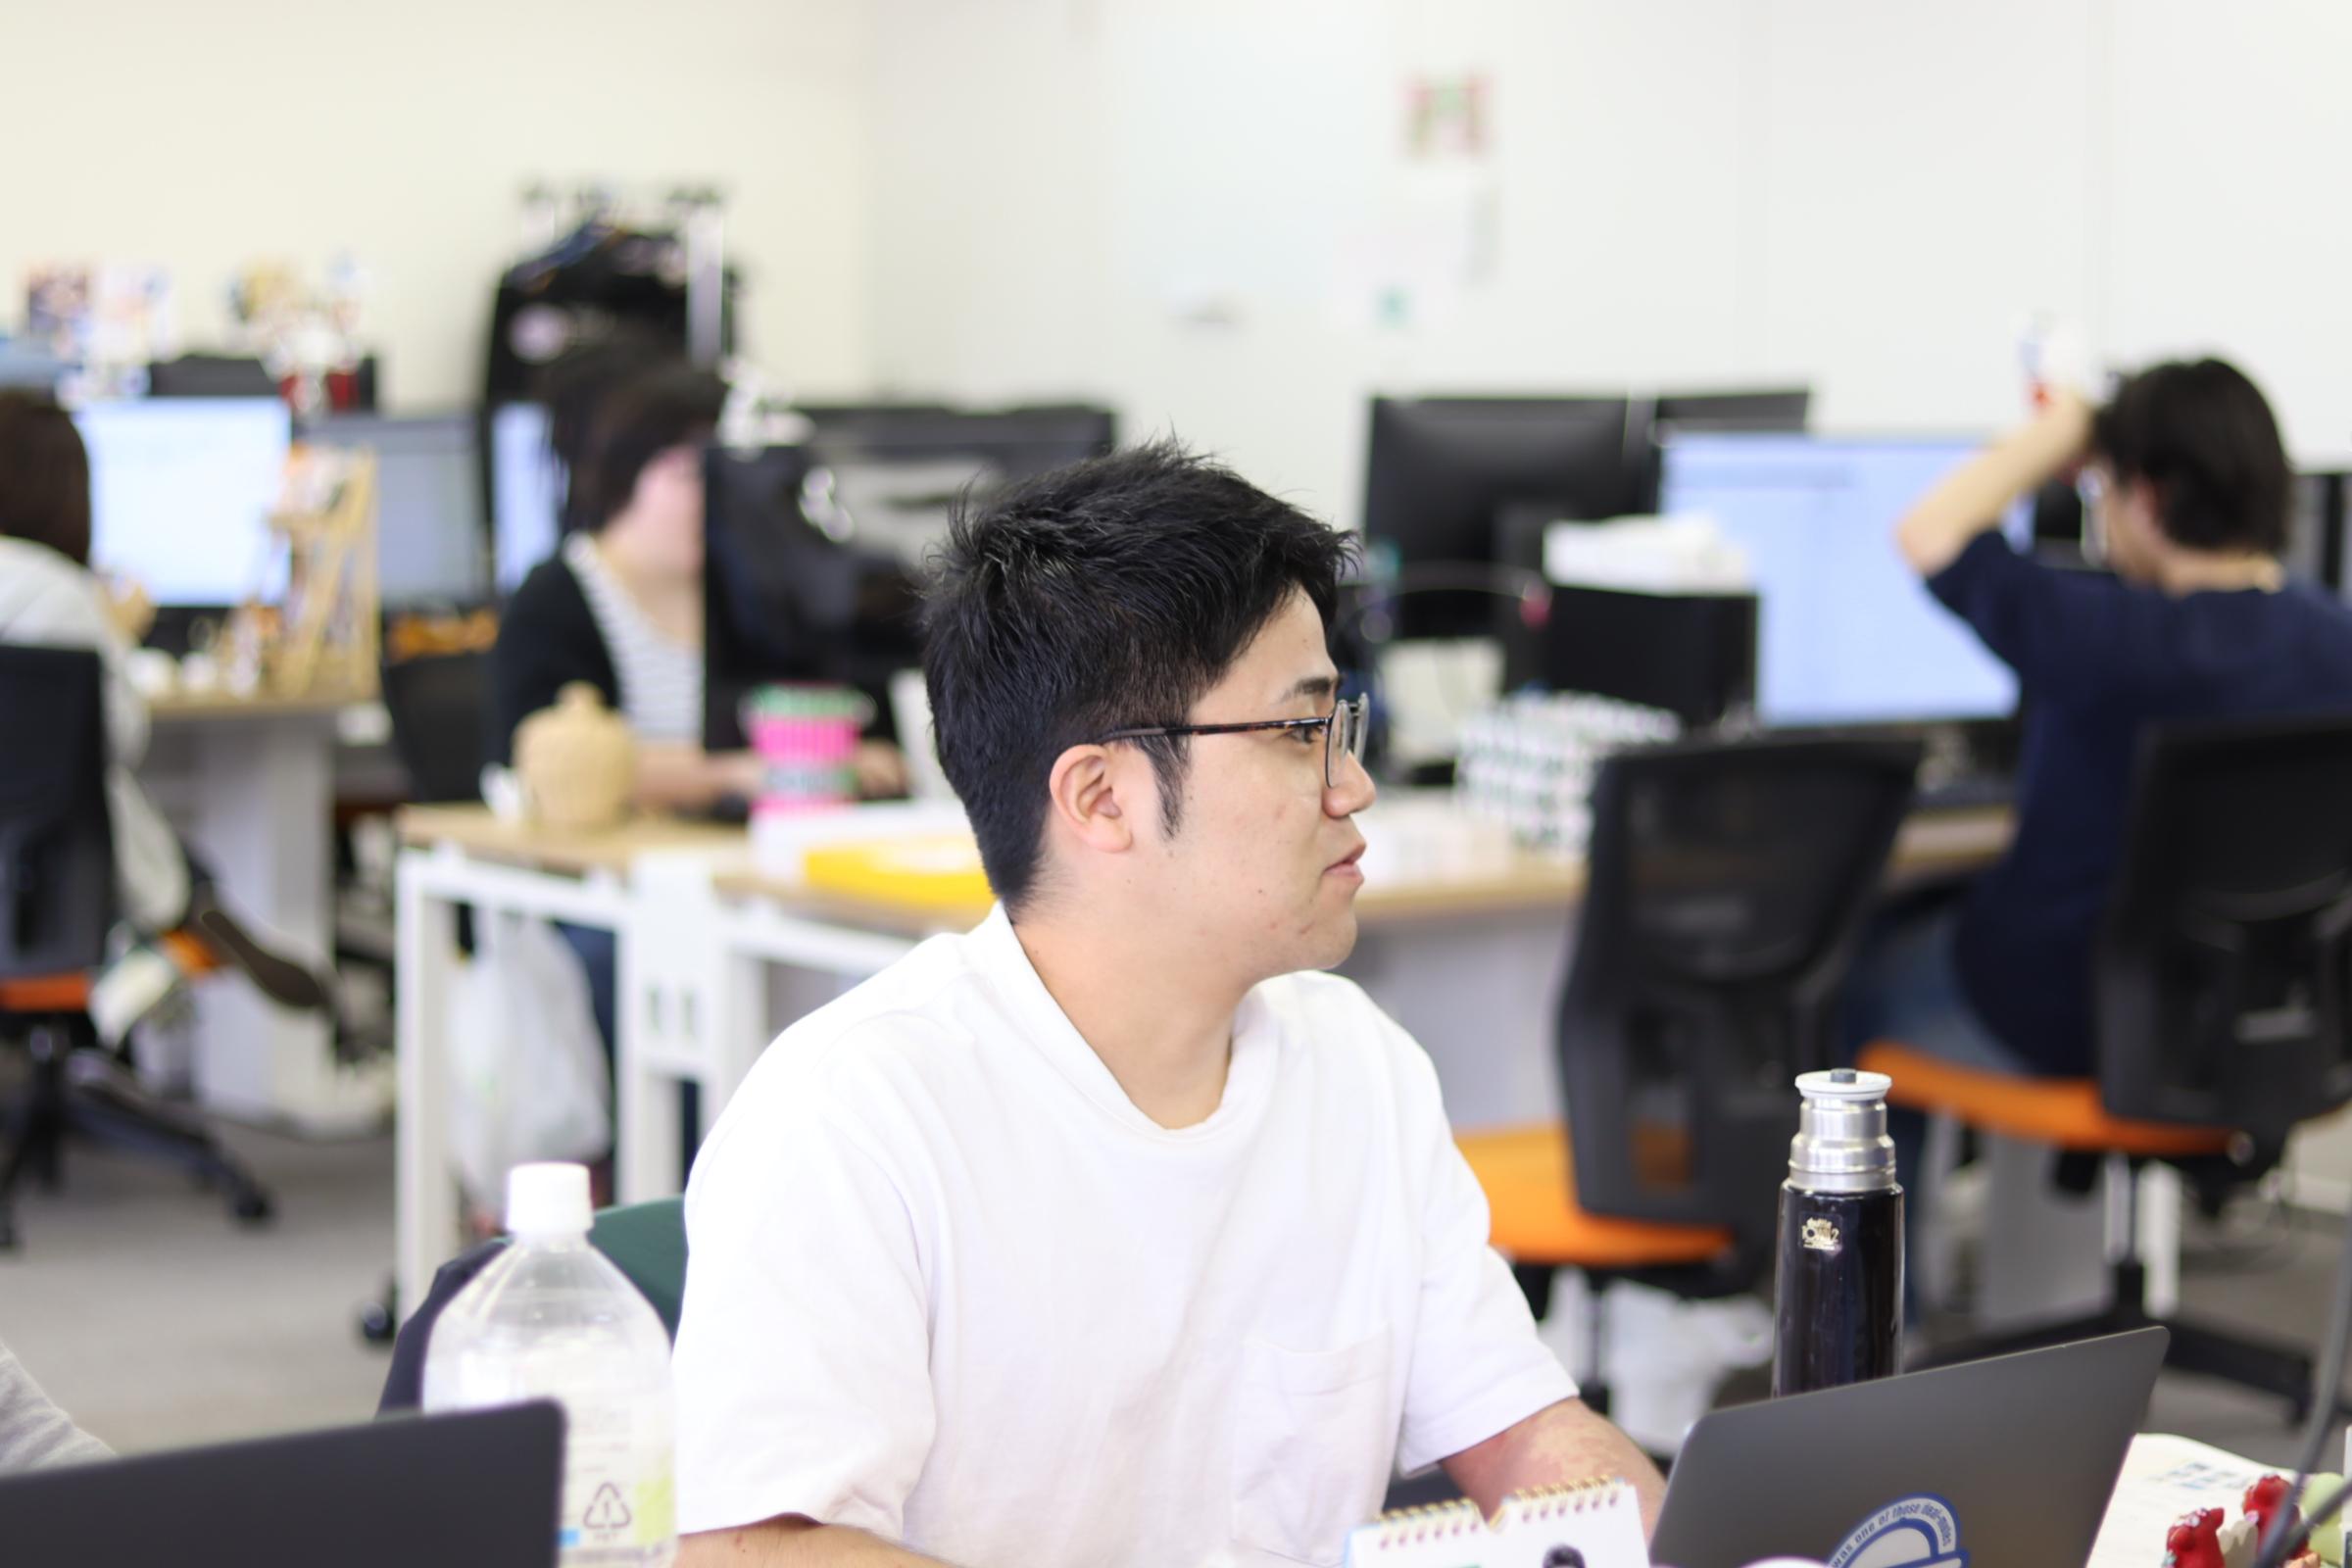 【ITアウトソーシング事業(主に運用保守)のシステムエンジニア■契約社員】◆新規サービスの企画から開発・運用まで幅広く担当いただきます◆日本トップクラスの企業のシステム開発に携わることができます!◆正社員登用あり!